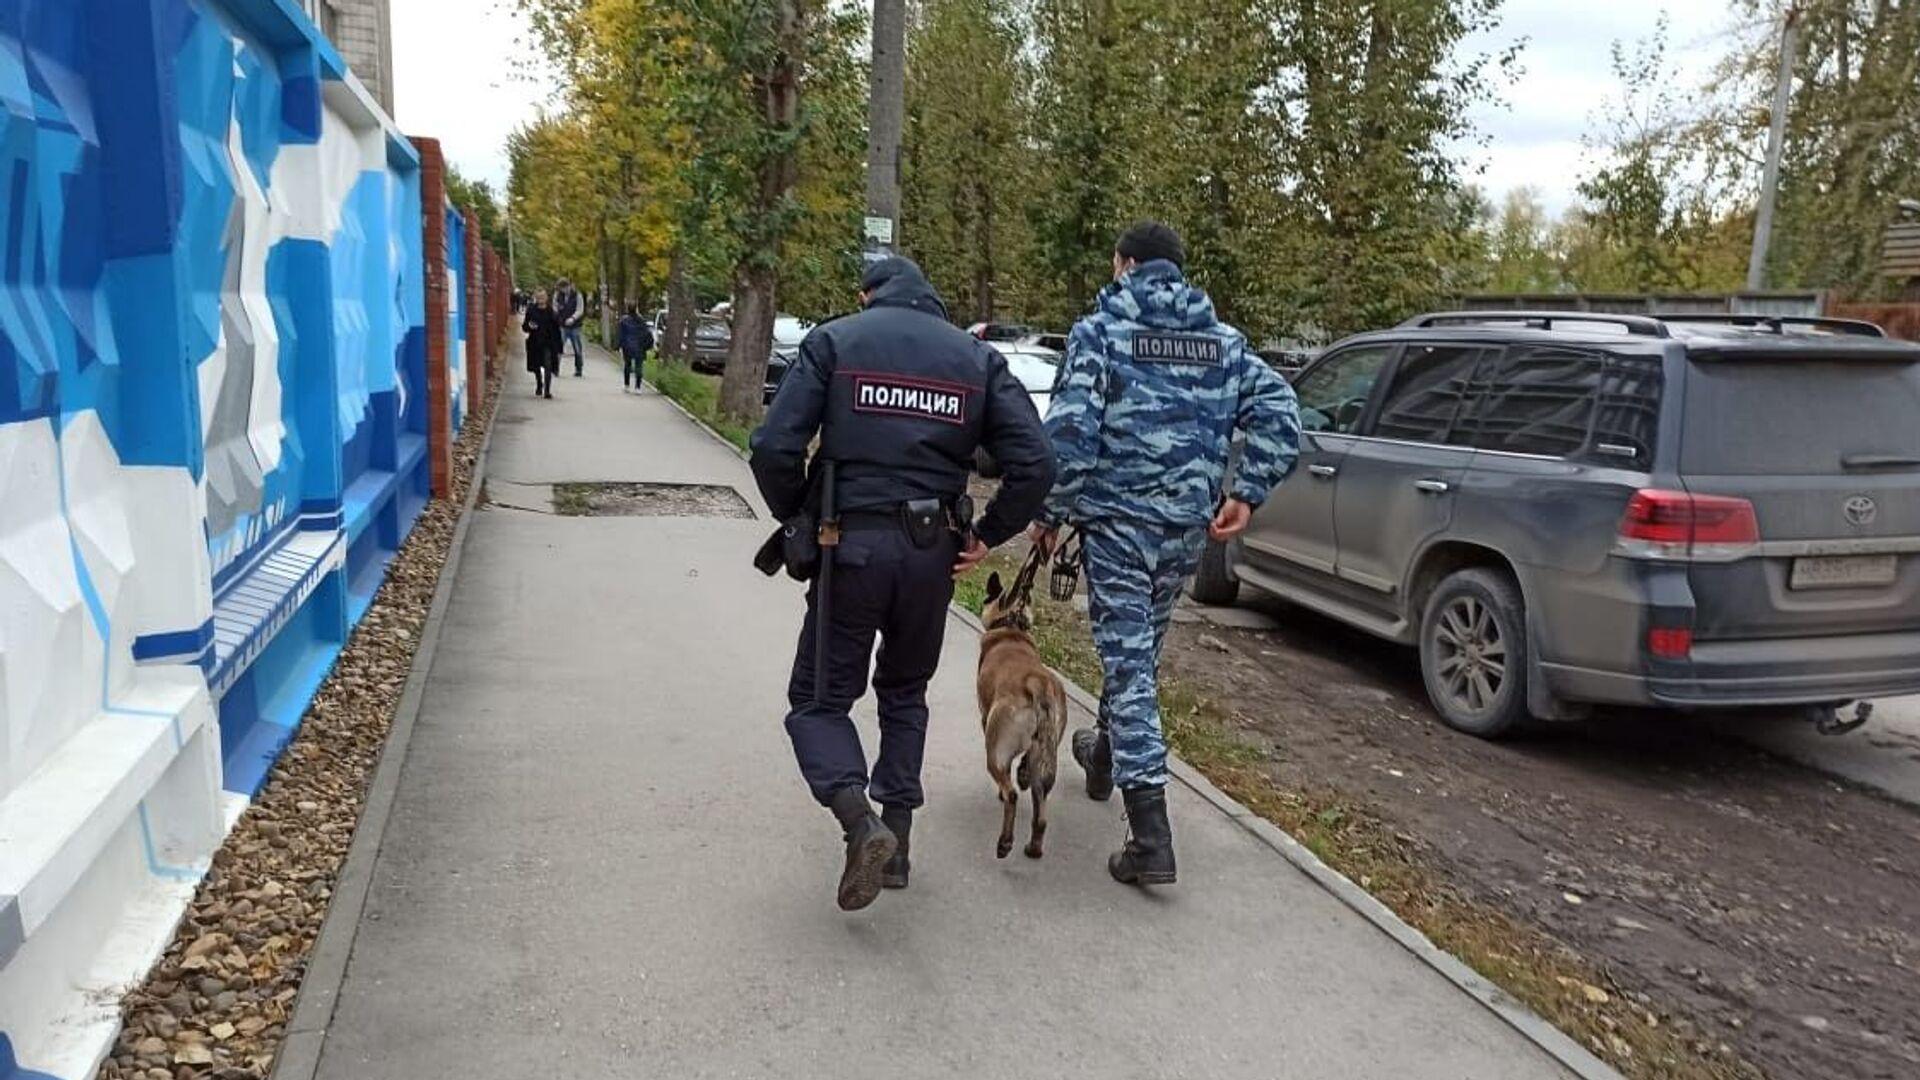 Policisté se služebním psem na ulici ve městě Perm, kde neznámá osoba zahájila palbu na Permské státní univerzitě - Sputnik Česká republika, 1920, 20.09.2021